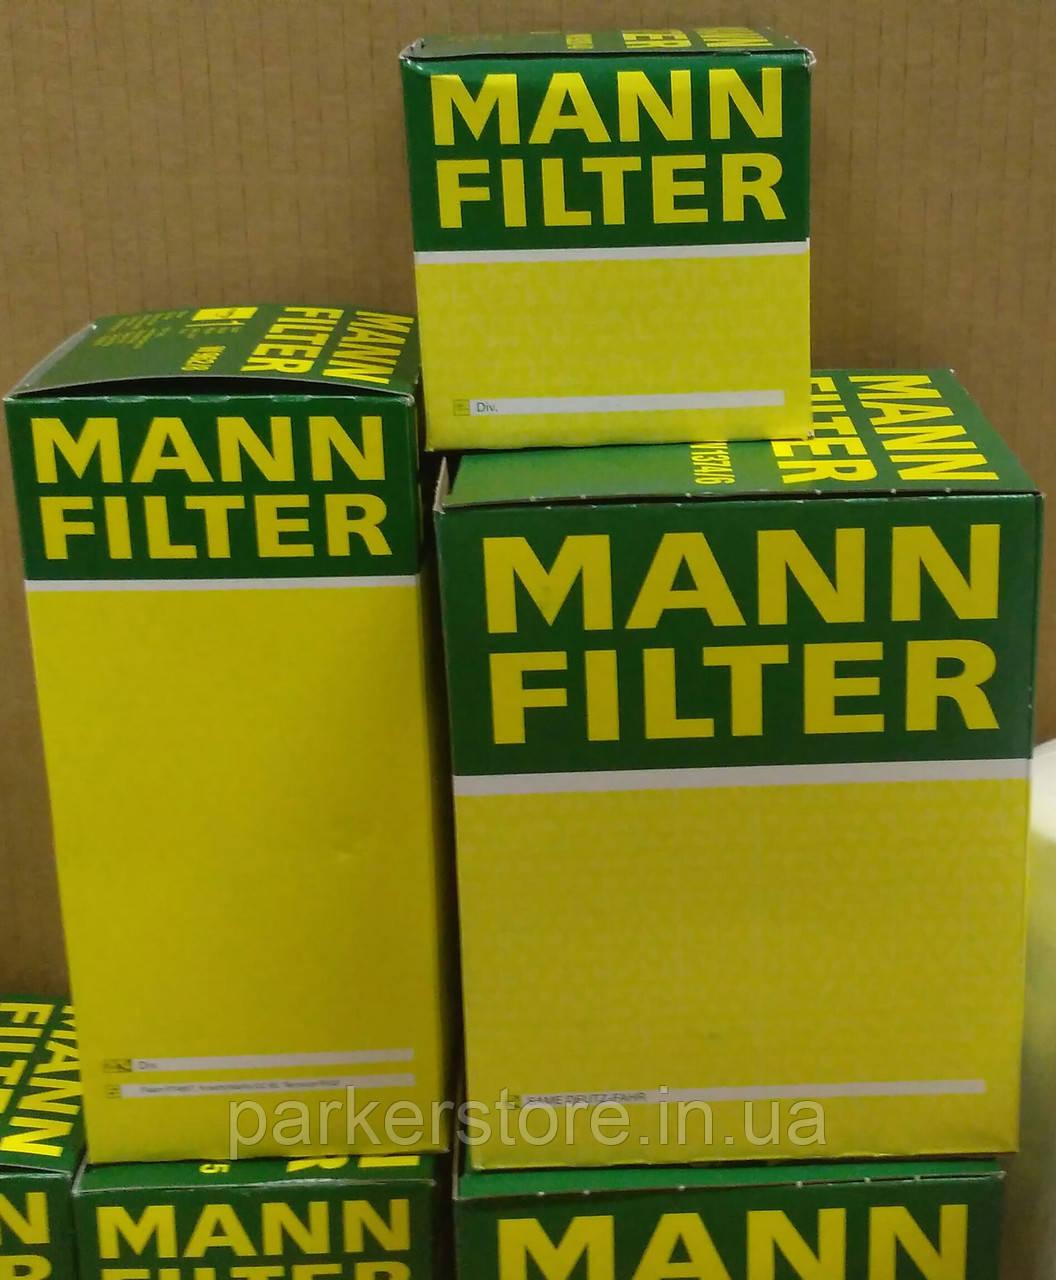 MANN FILTER / Повітряний фільтр / C 25 016 / C25016